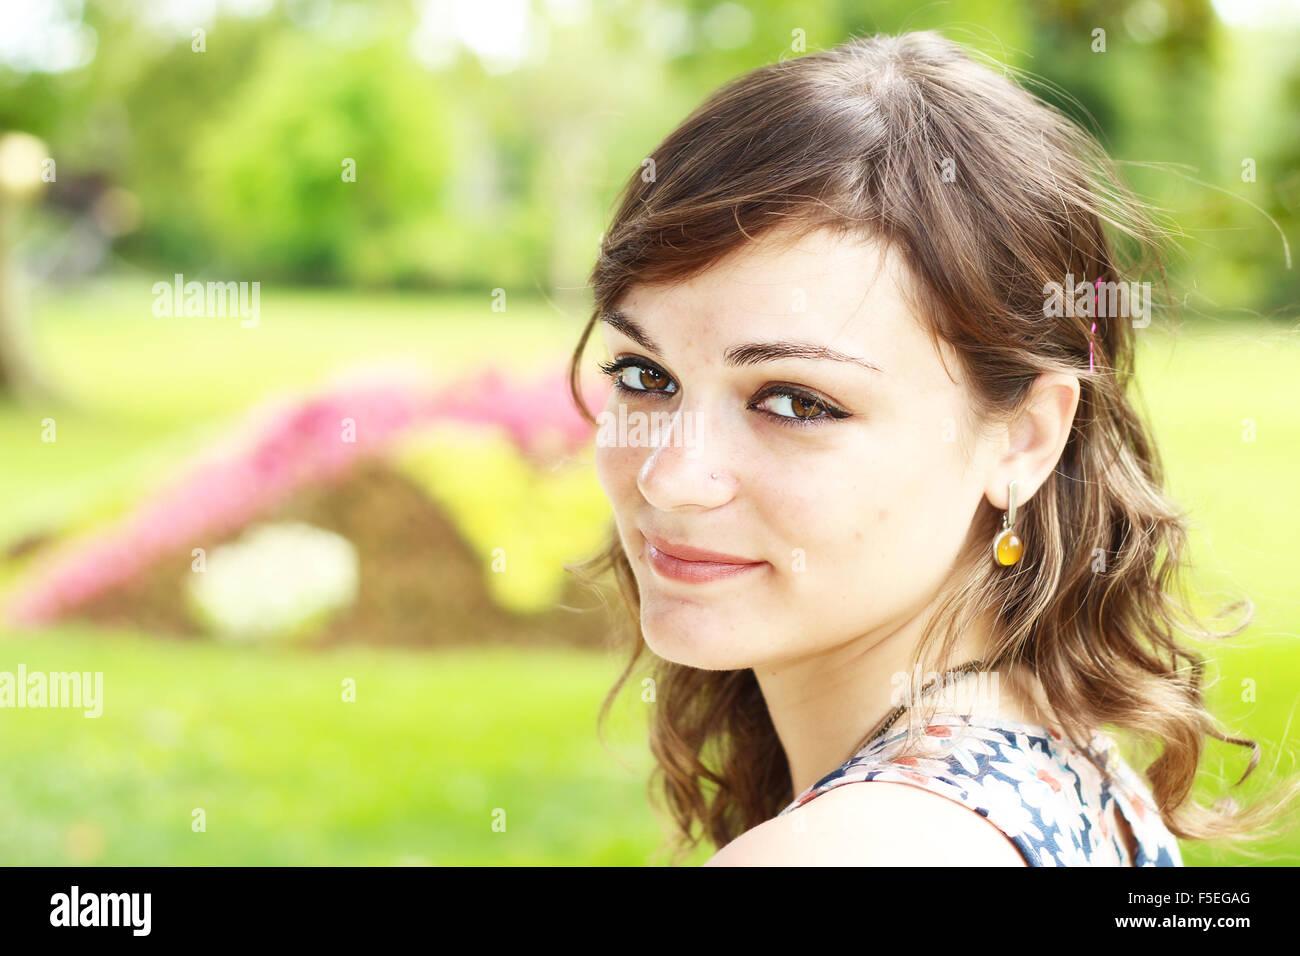 Retrato de una mujer sonriente Imagen De Stock